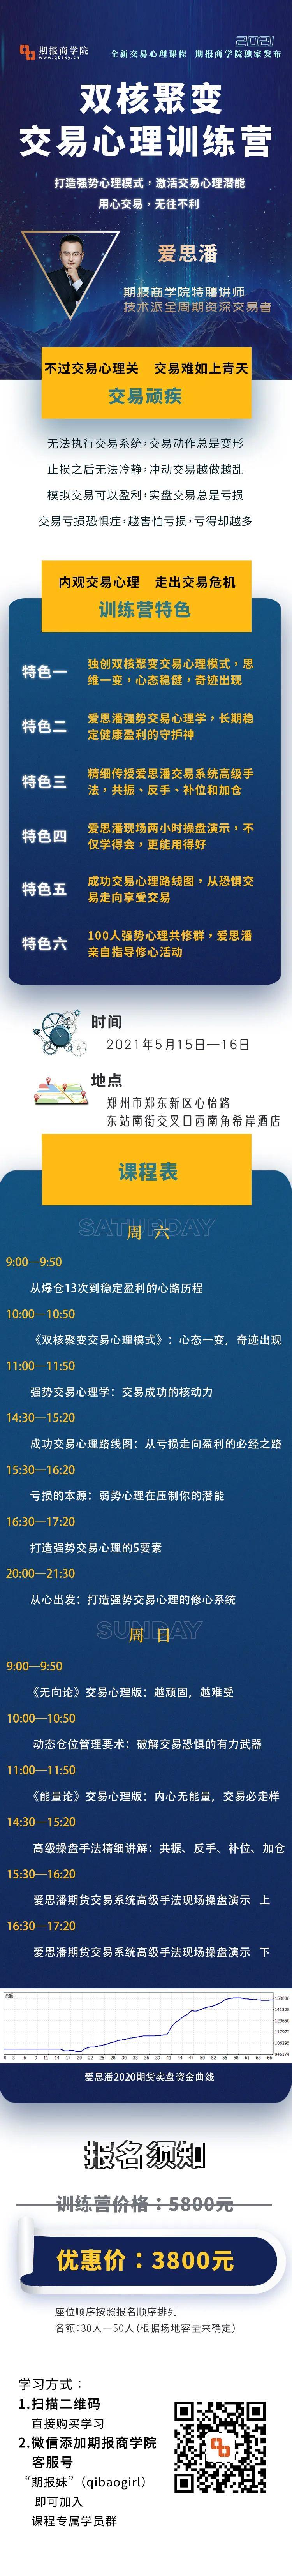 5月,相约郑州,体验真正的交易心理训练营